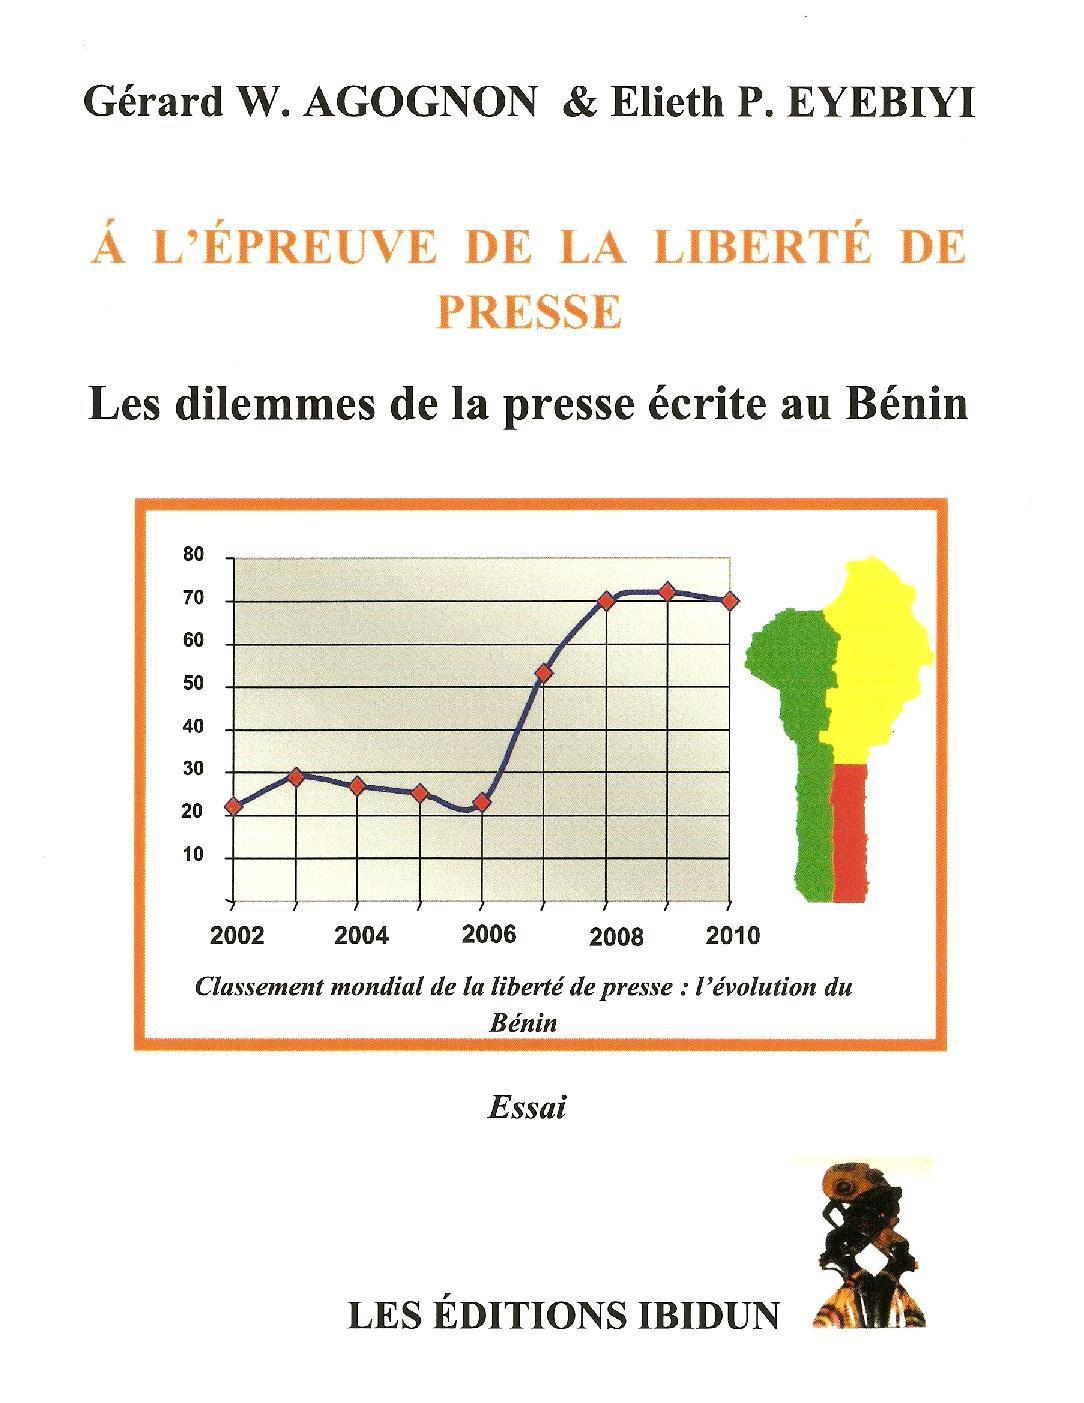 A L'EPREUVE DE LA LIBERTE DE PRESSE - LES DILEMMES DE LA PRESSE ECRITE AU BENIN